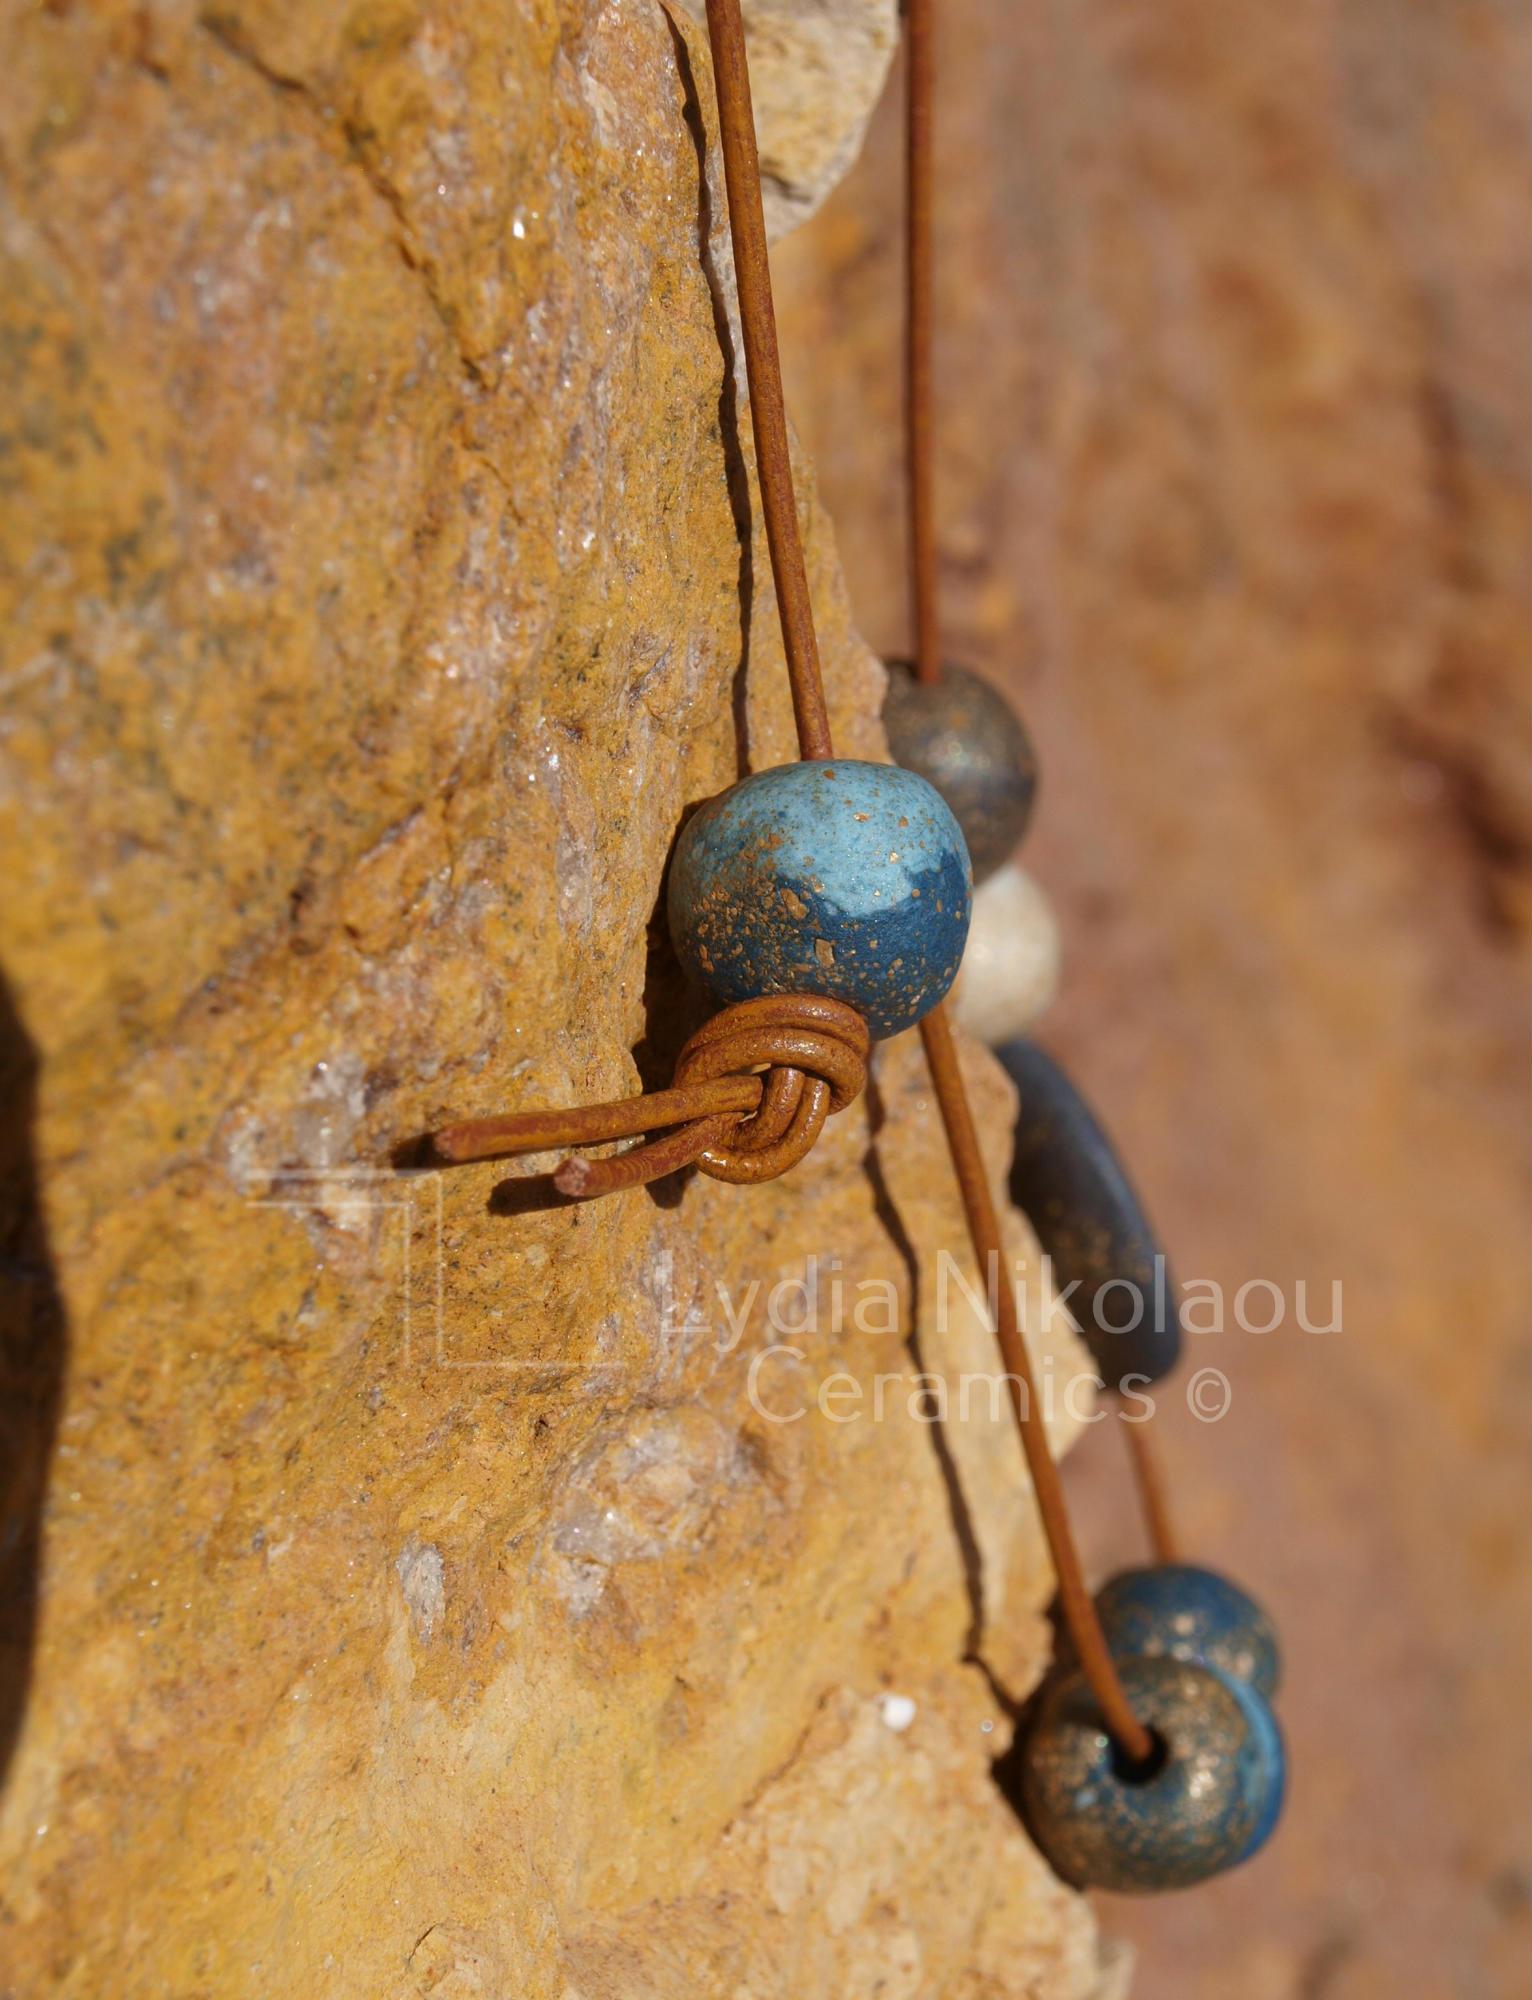 SYROS: LYDIA NIKOLAOU ART PAINTING